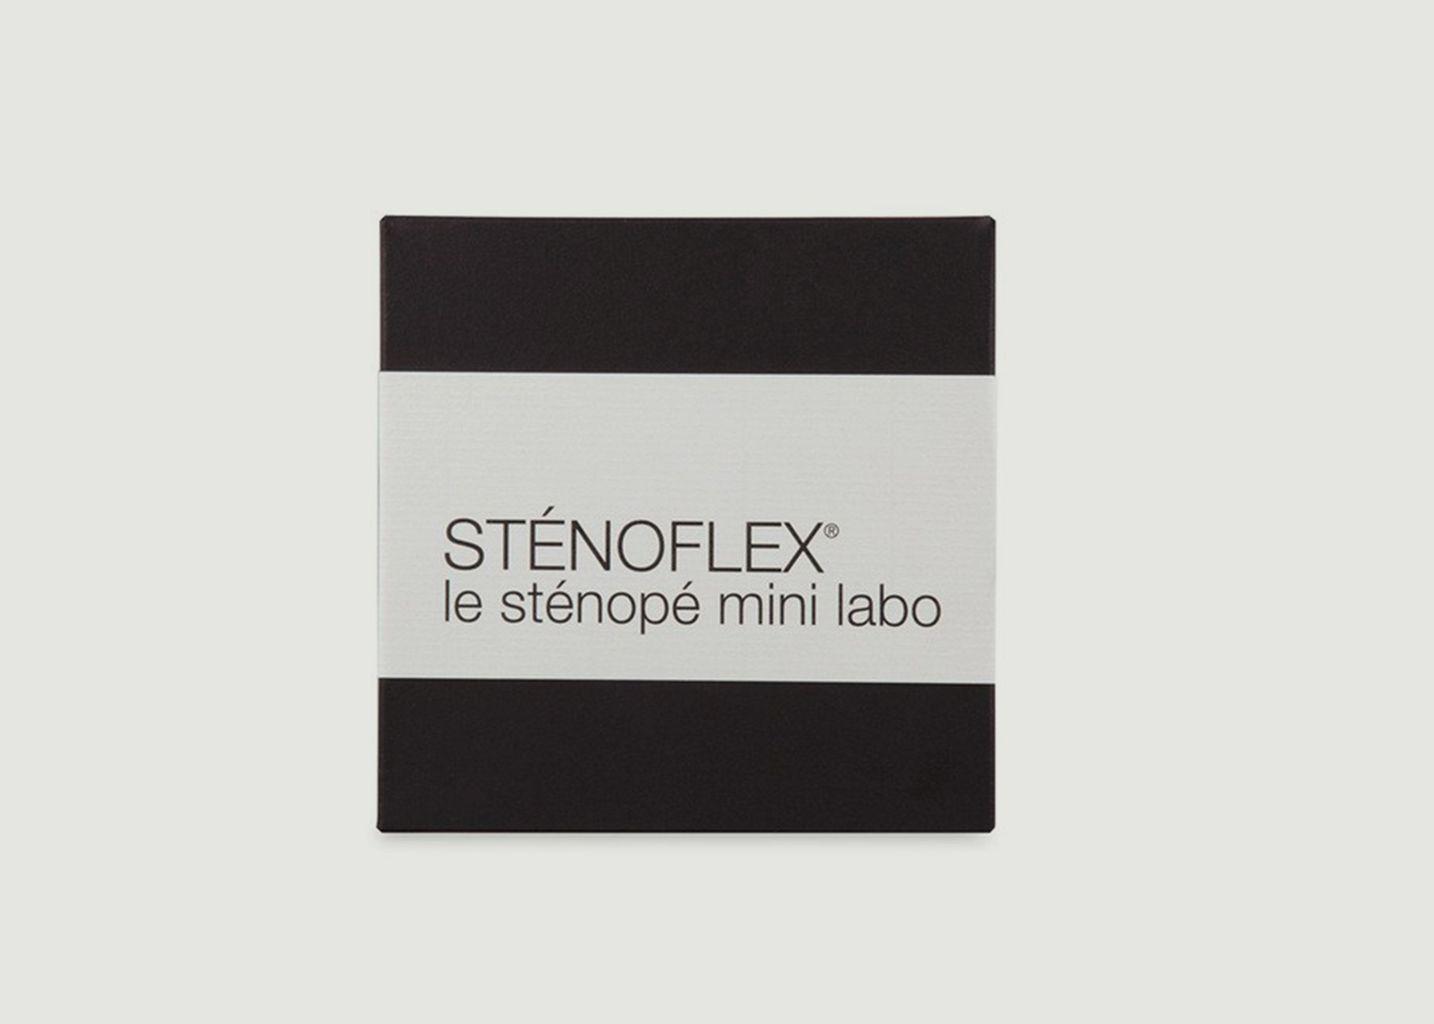 Le Sténopé Mini Labo Classique - Kit Appareil photo - Sténoflex